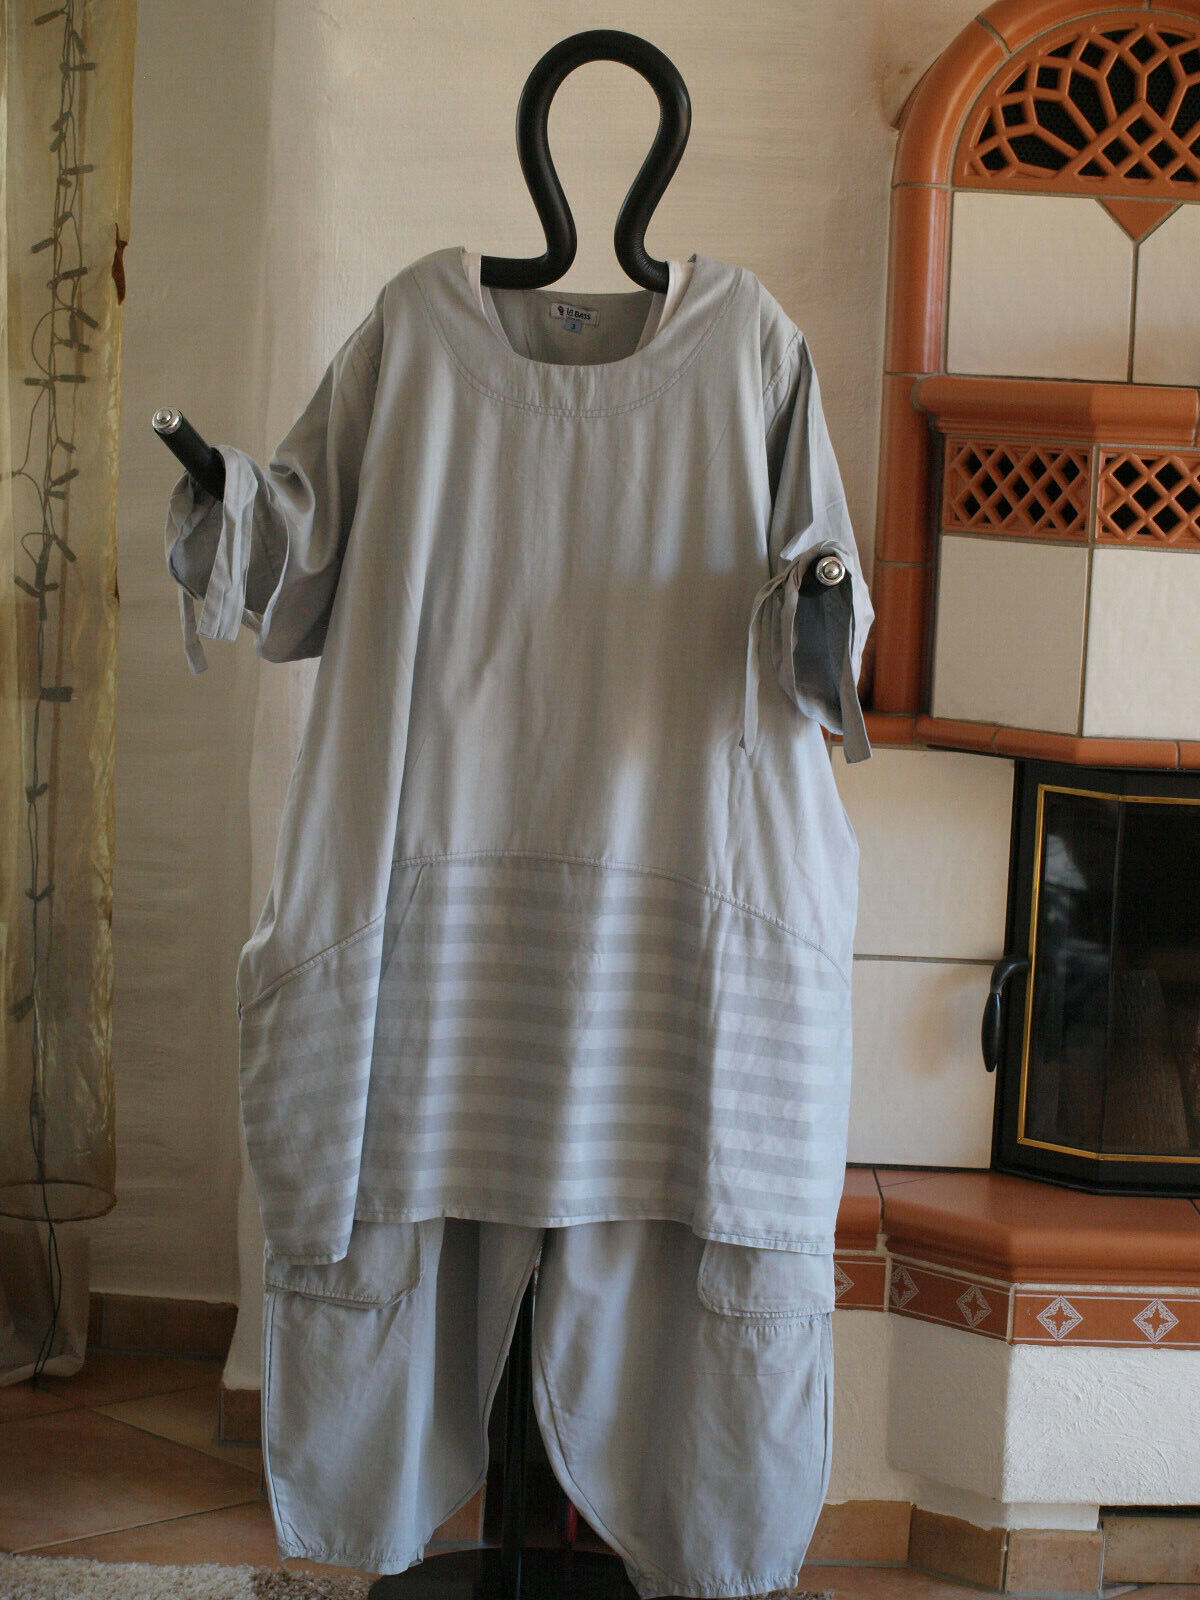 1840 LABASS Lagenlook Big Shirt Ballonform silber grau gestreift Gr. XXL 52 54